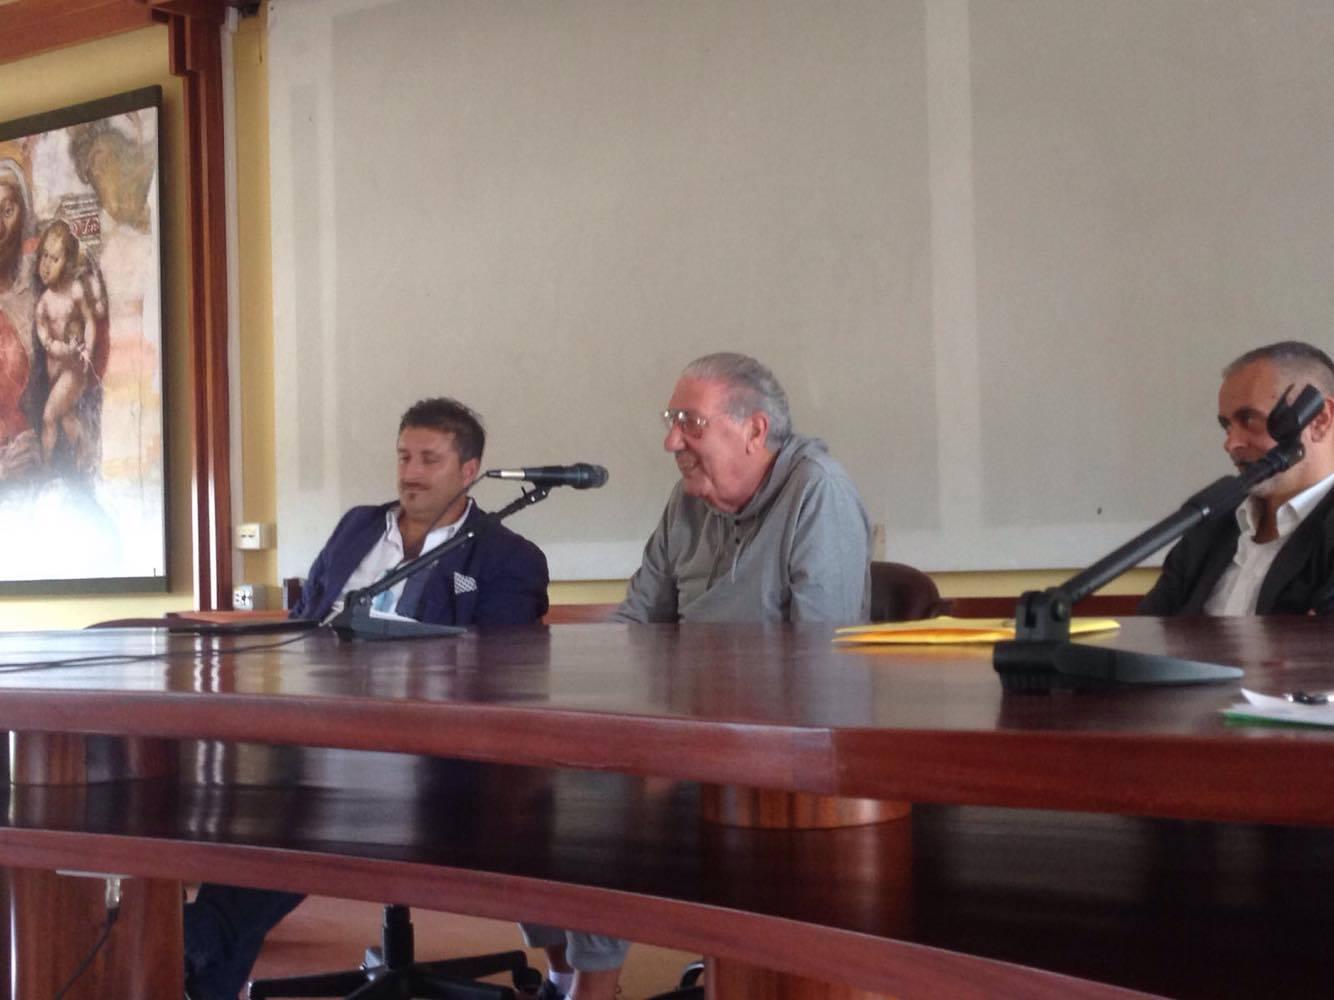 NUOVE REGOLE PER LA CATEGORIA – A Sant'Anastasia gli stati generali dell'Associazione direttori e collaboratori sportivi calcio